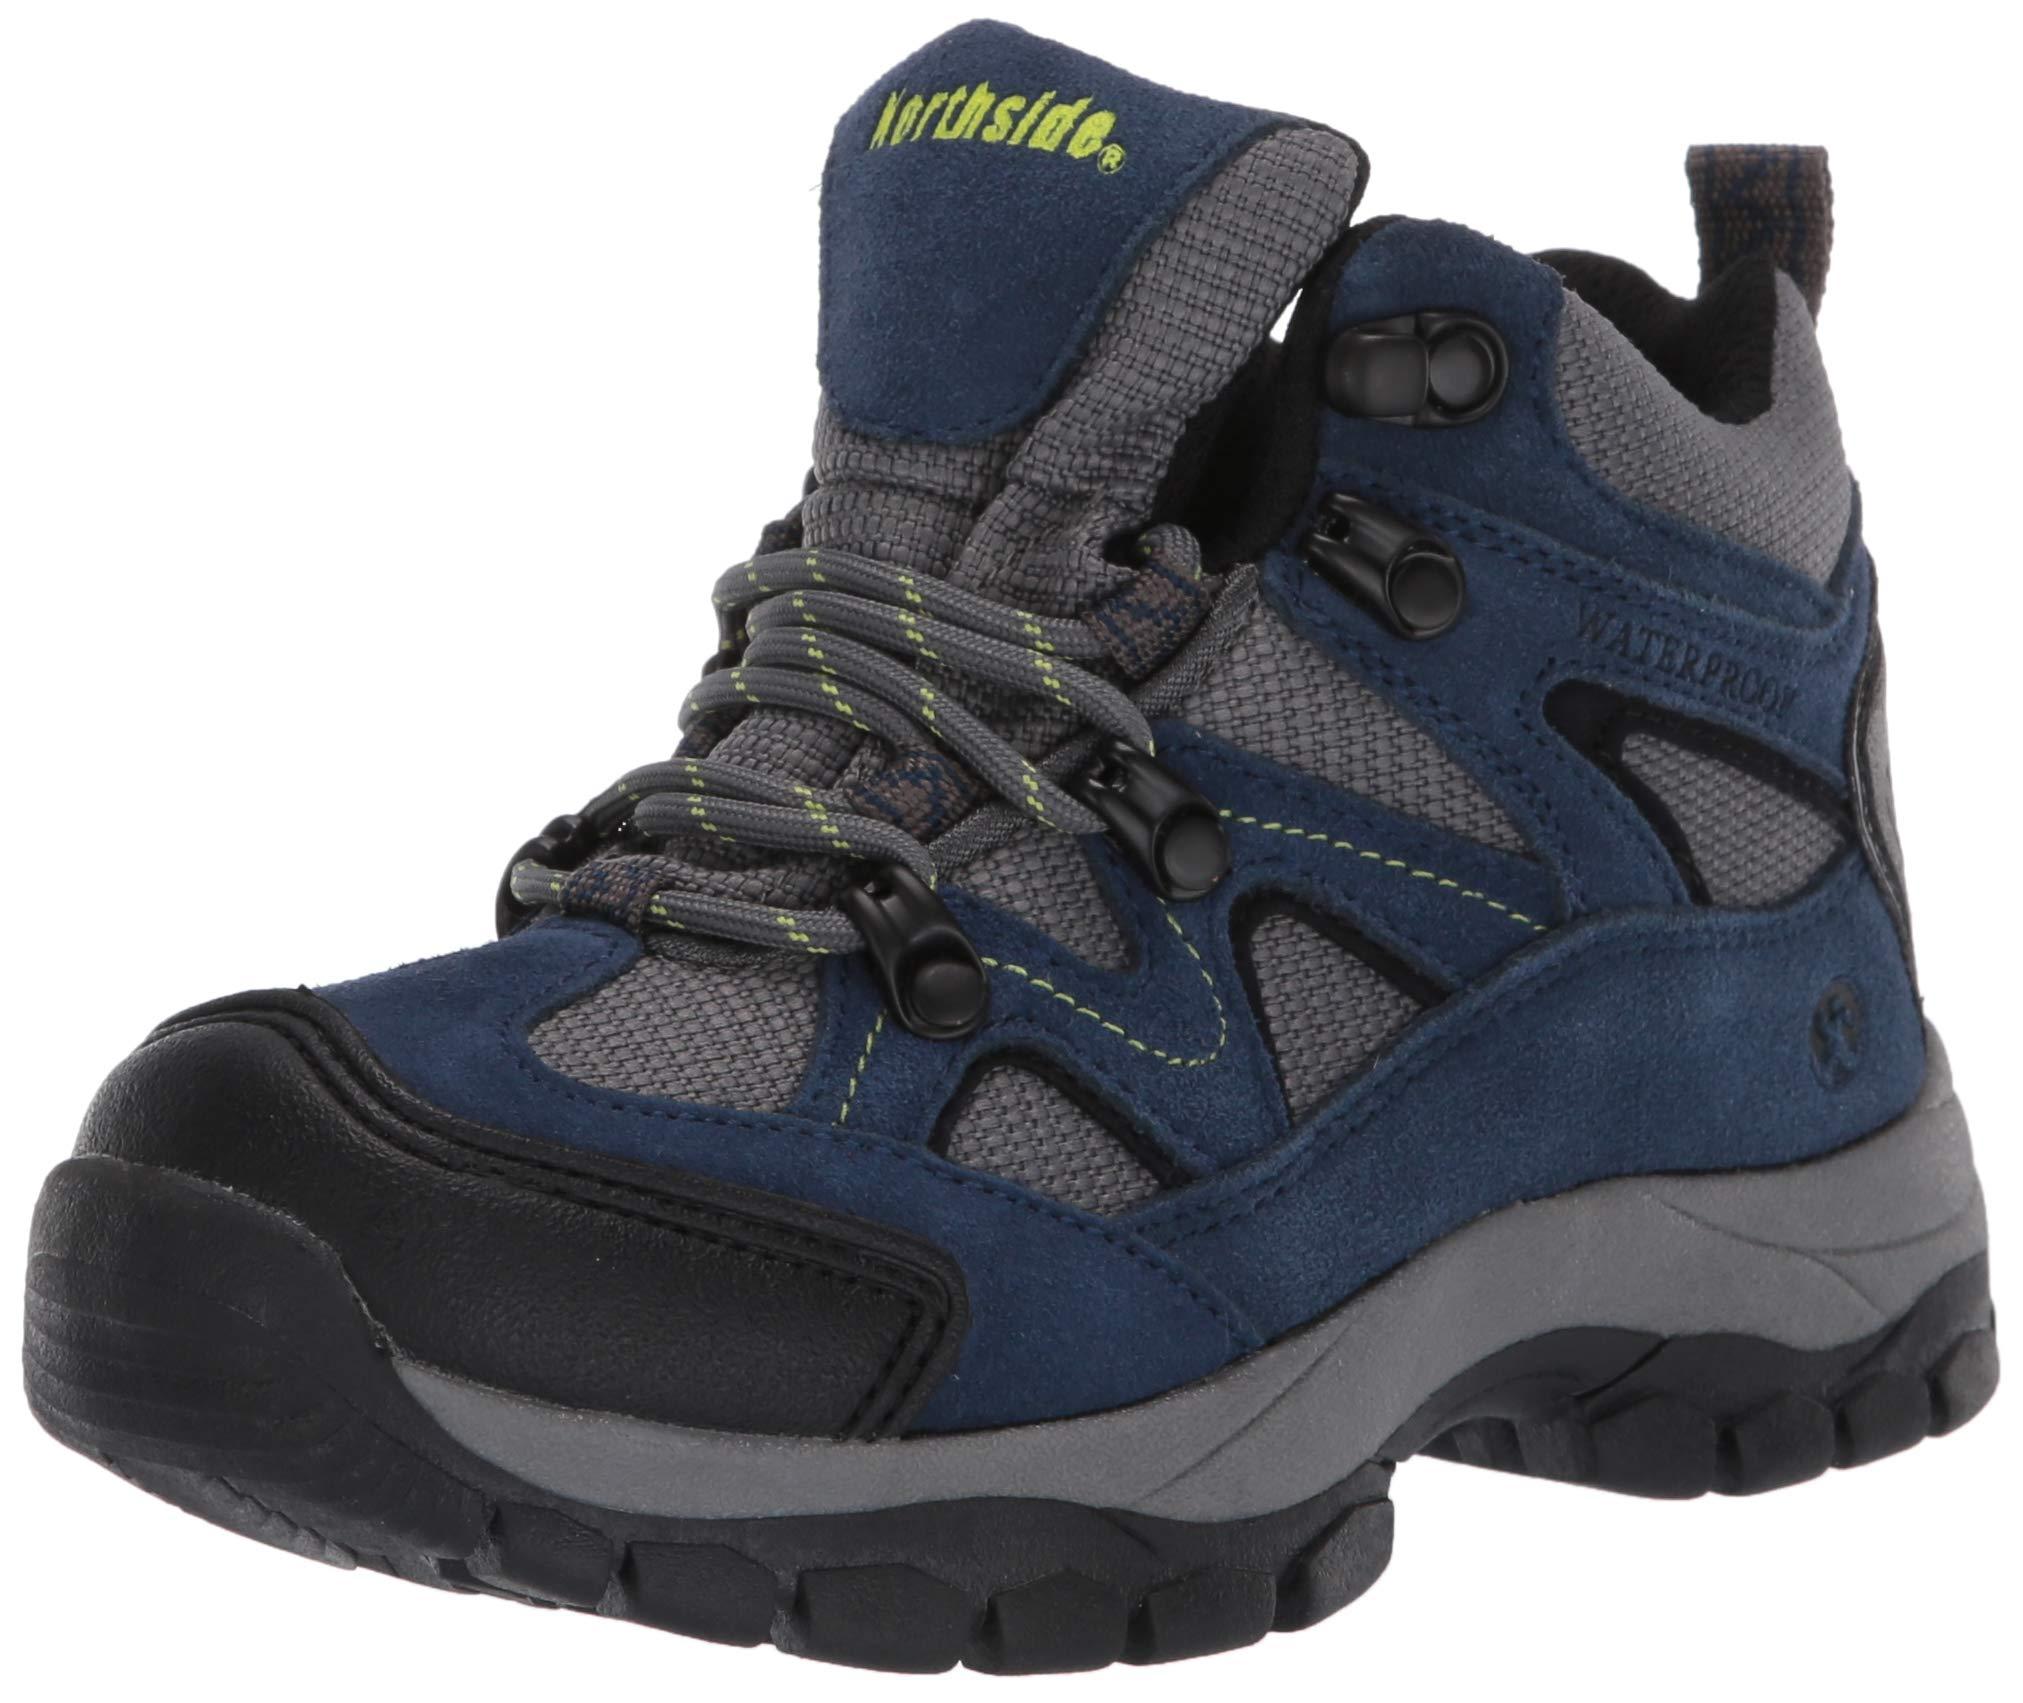 Northside Kids' Snohomish Jr Hiking Boot